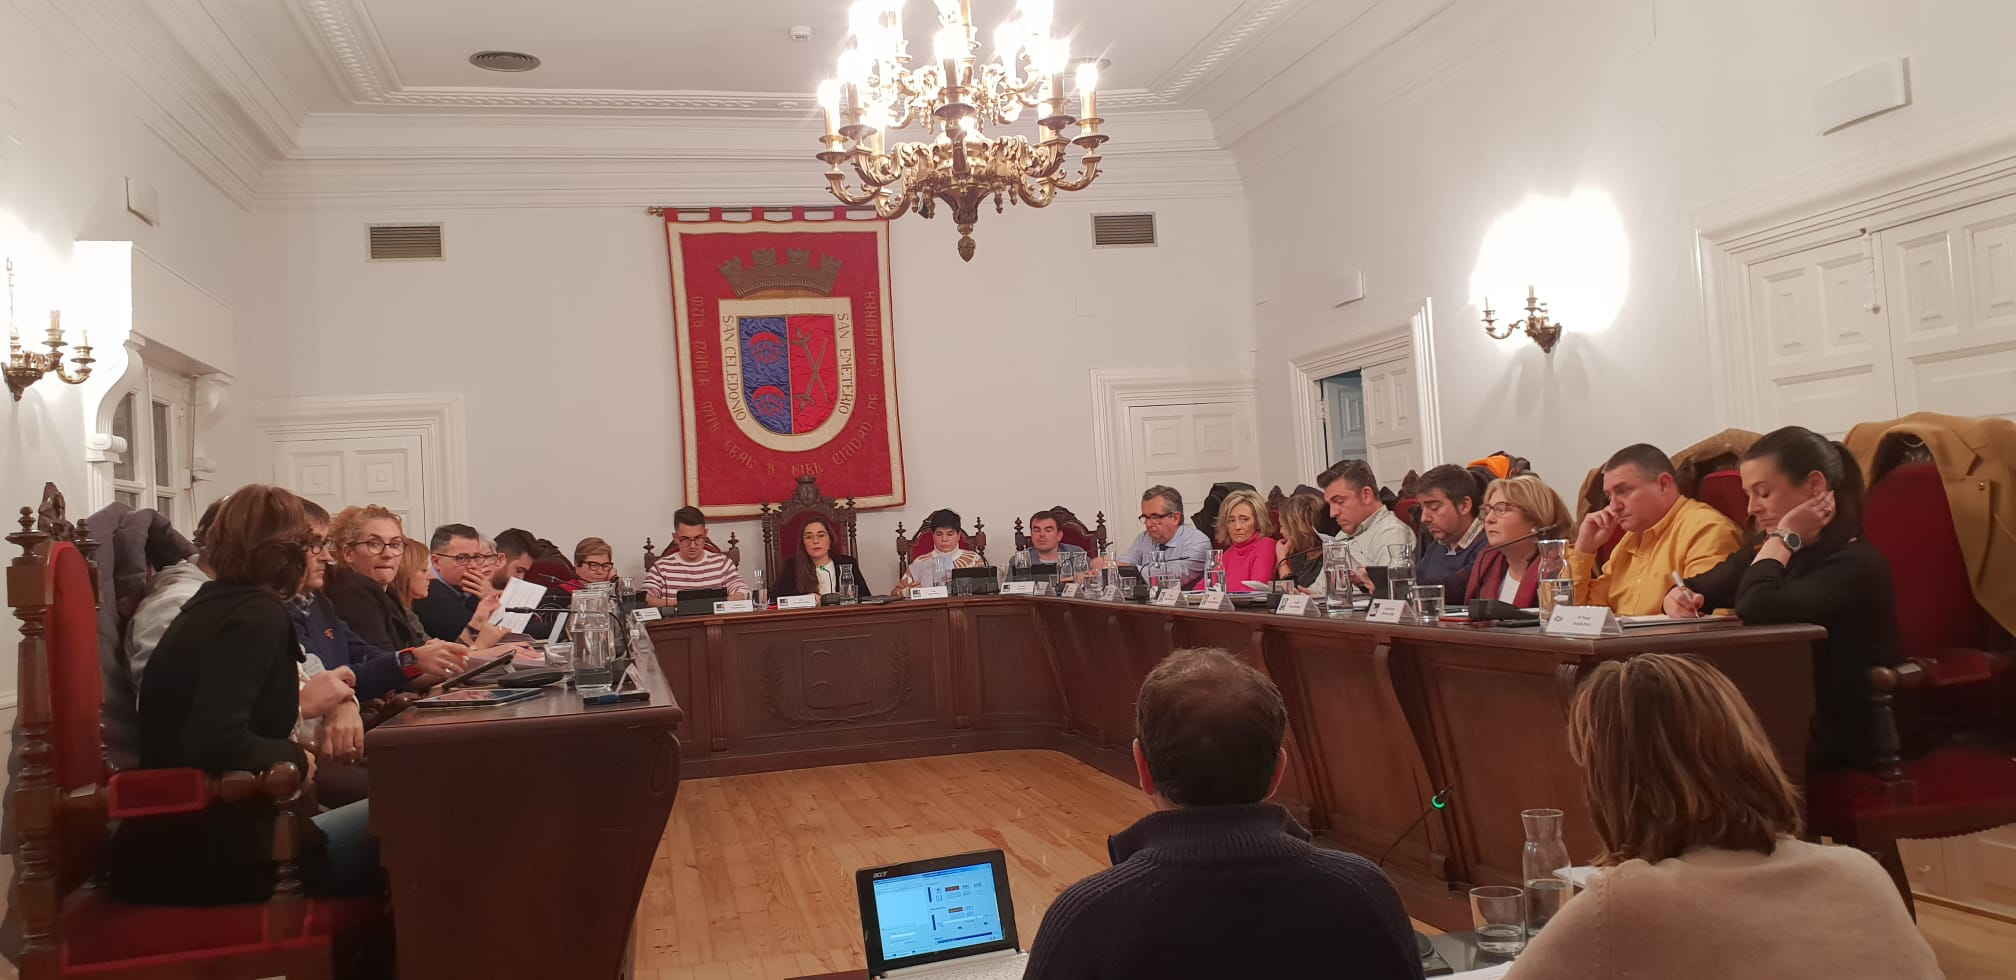 VOX quiere que PSOE, PP, C's e IU rindan cuentas